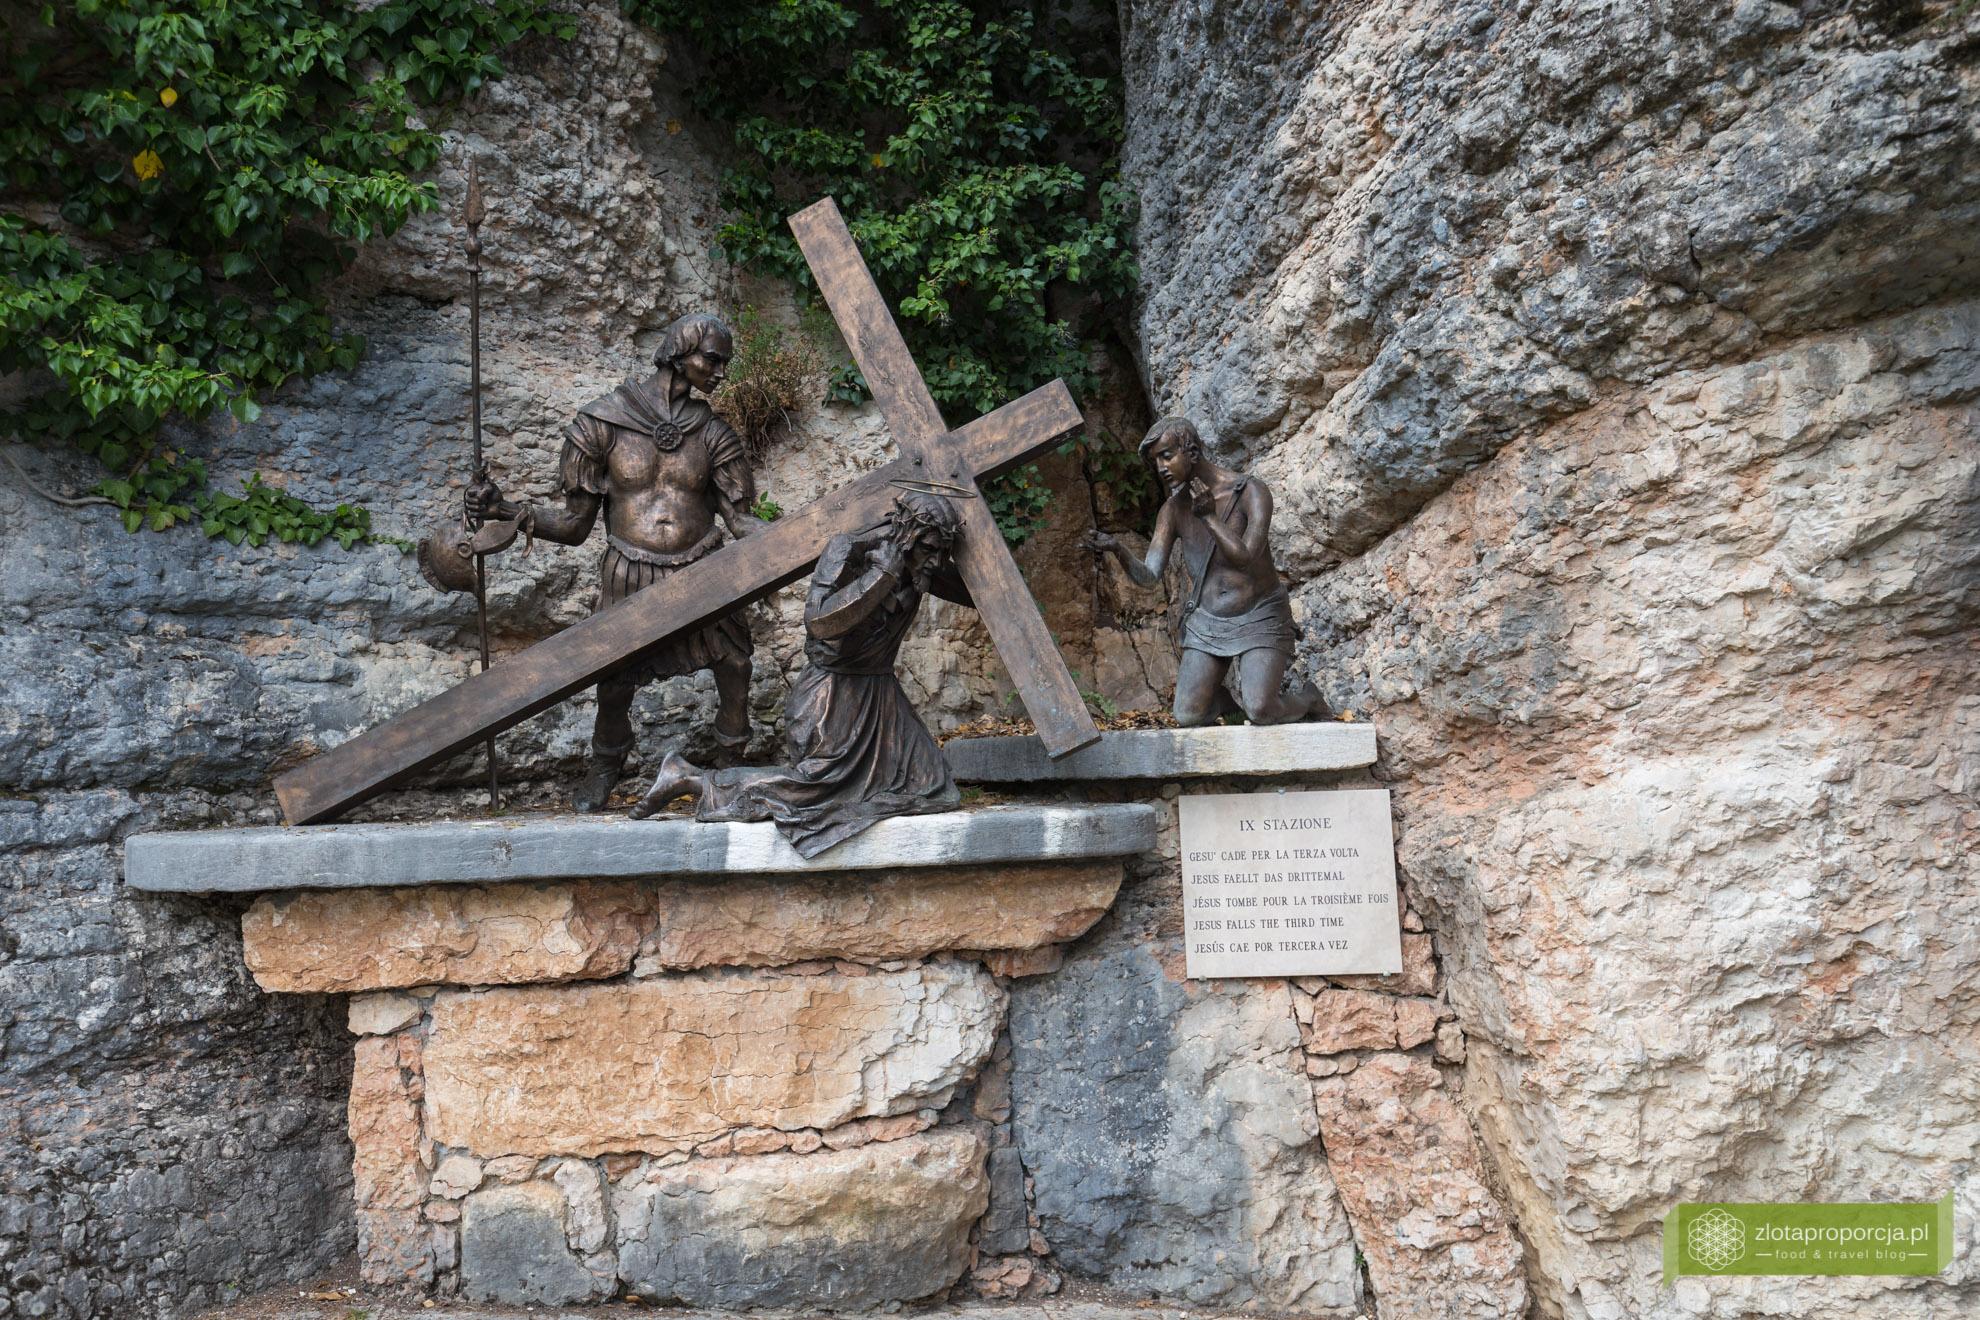 Sanktuarium Madonna della Corona, Spiazzi, okolice Werony, okolice Jeziora Garda, Wenecja Euganejska, droga krzyżowa